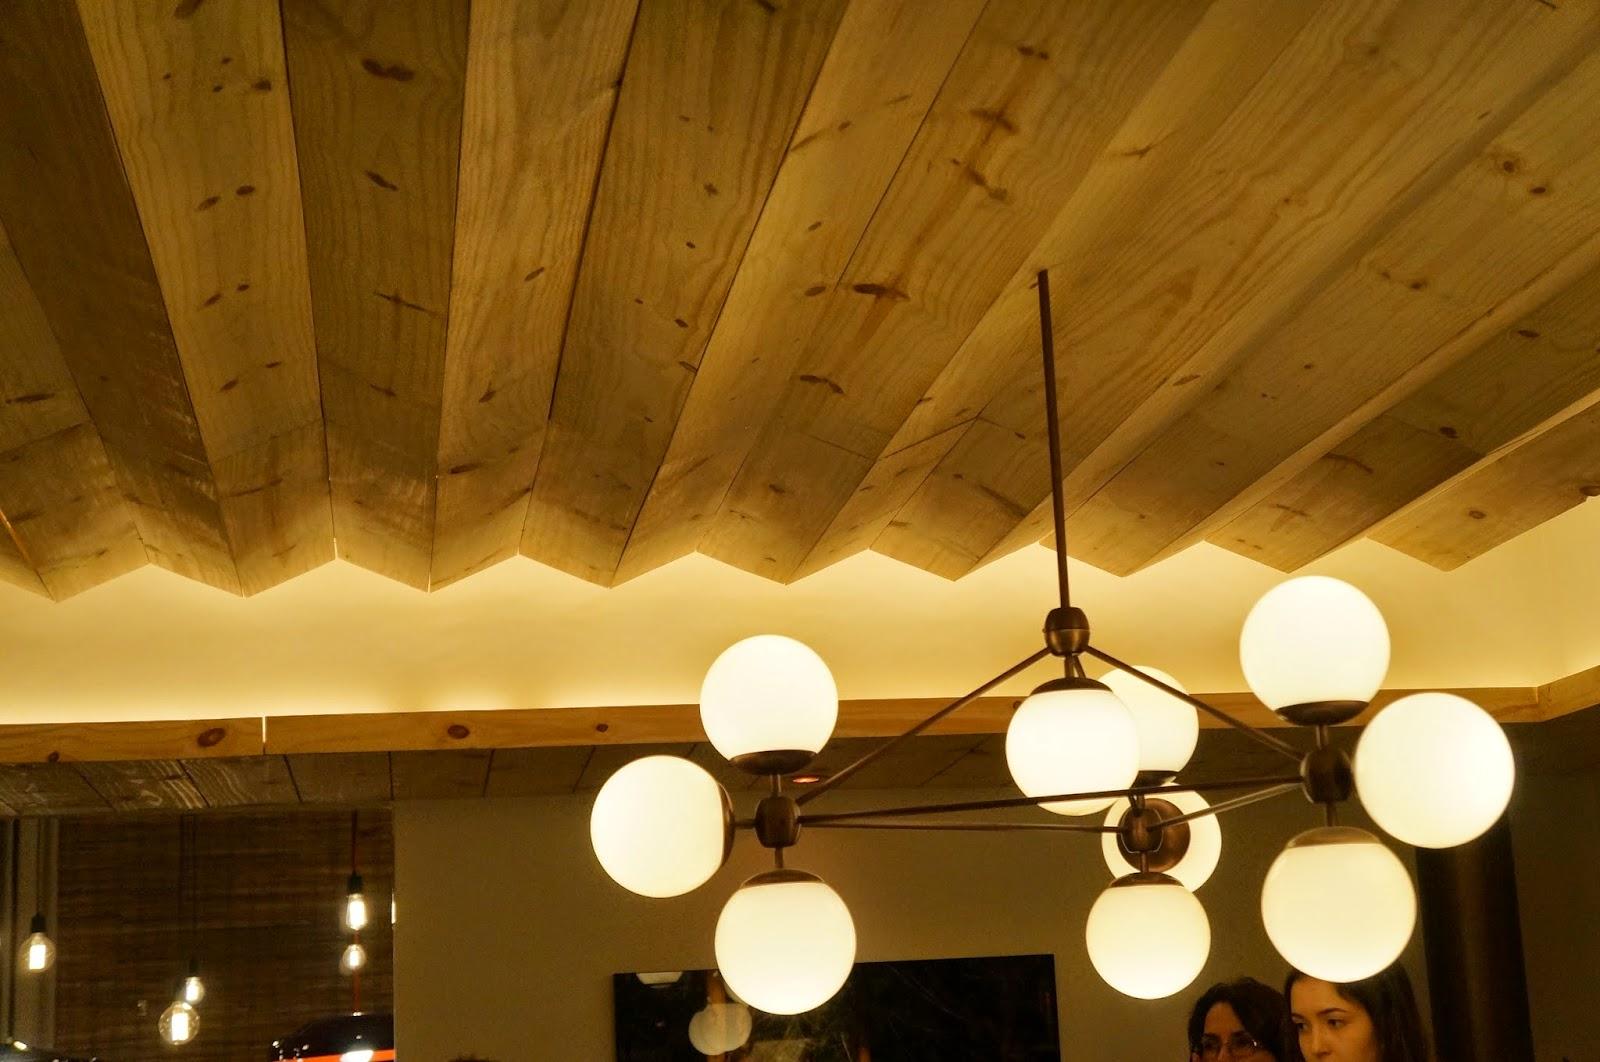 ambiente adega gourmet - Bruno Gap - iluminação dimerizada - Casa Cor SP 2014